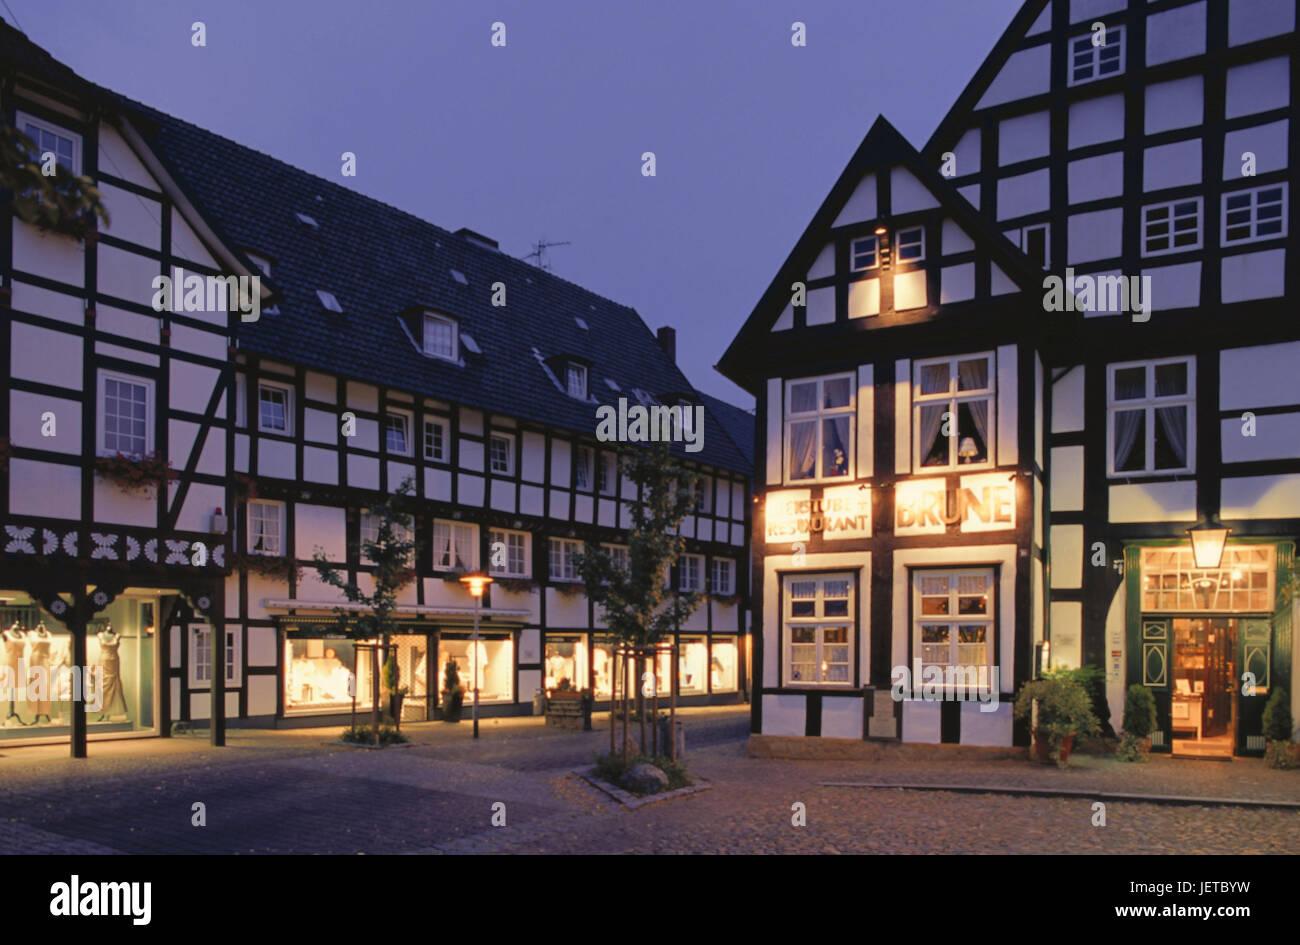 Deutschland, North Rhine-Westphalia, Halle, Altstadt, Fachwerkhäuser ...